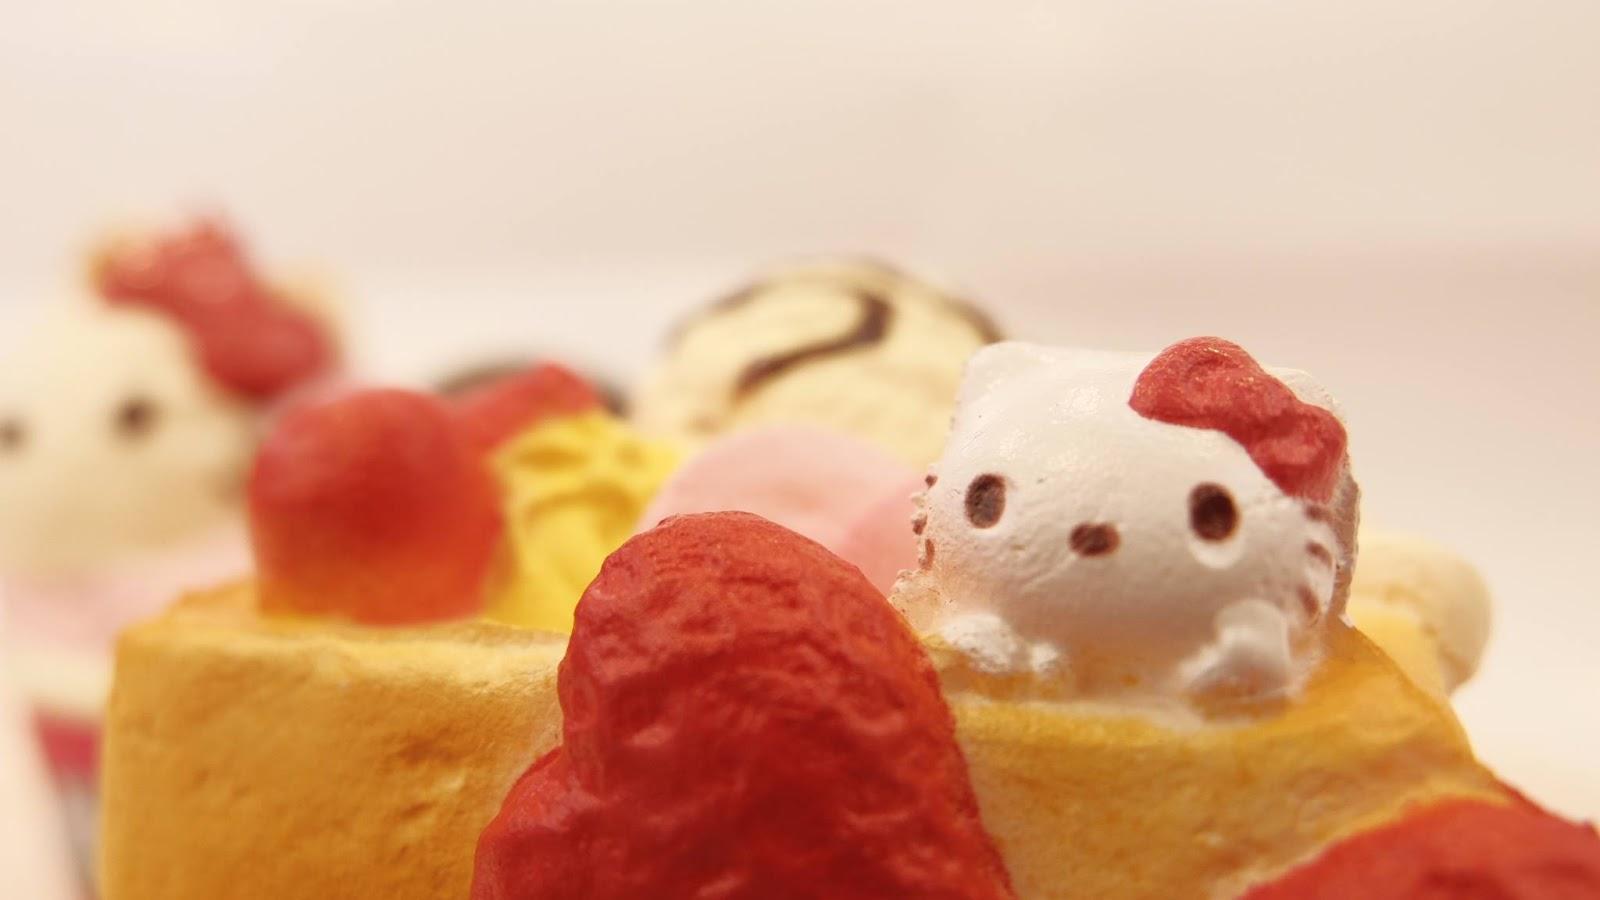 Top Wallpaper Hello Kitty Facebook - 14753752_1333697800003745_5258410647143131017_o  Pic_37869.jpg